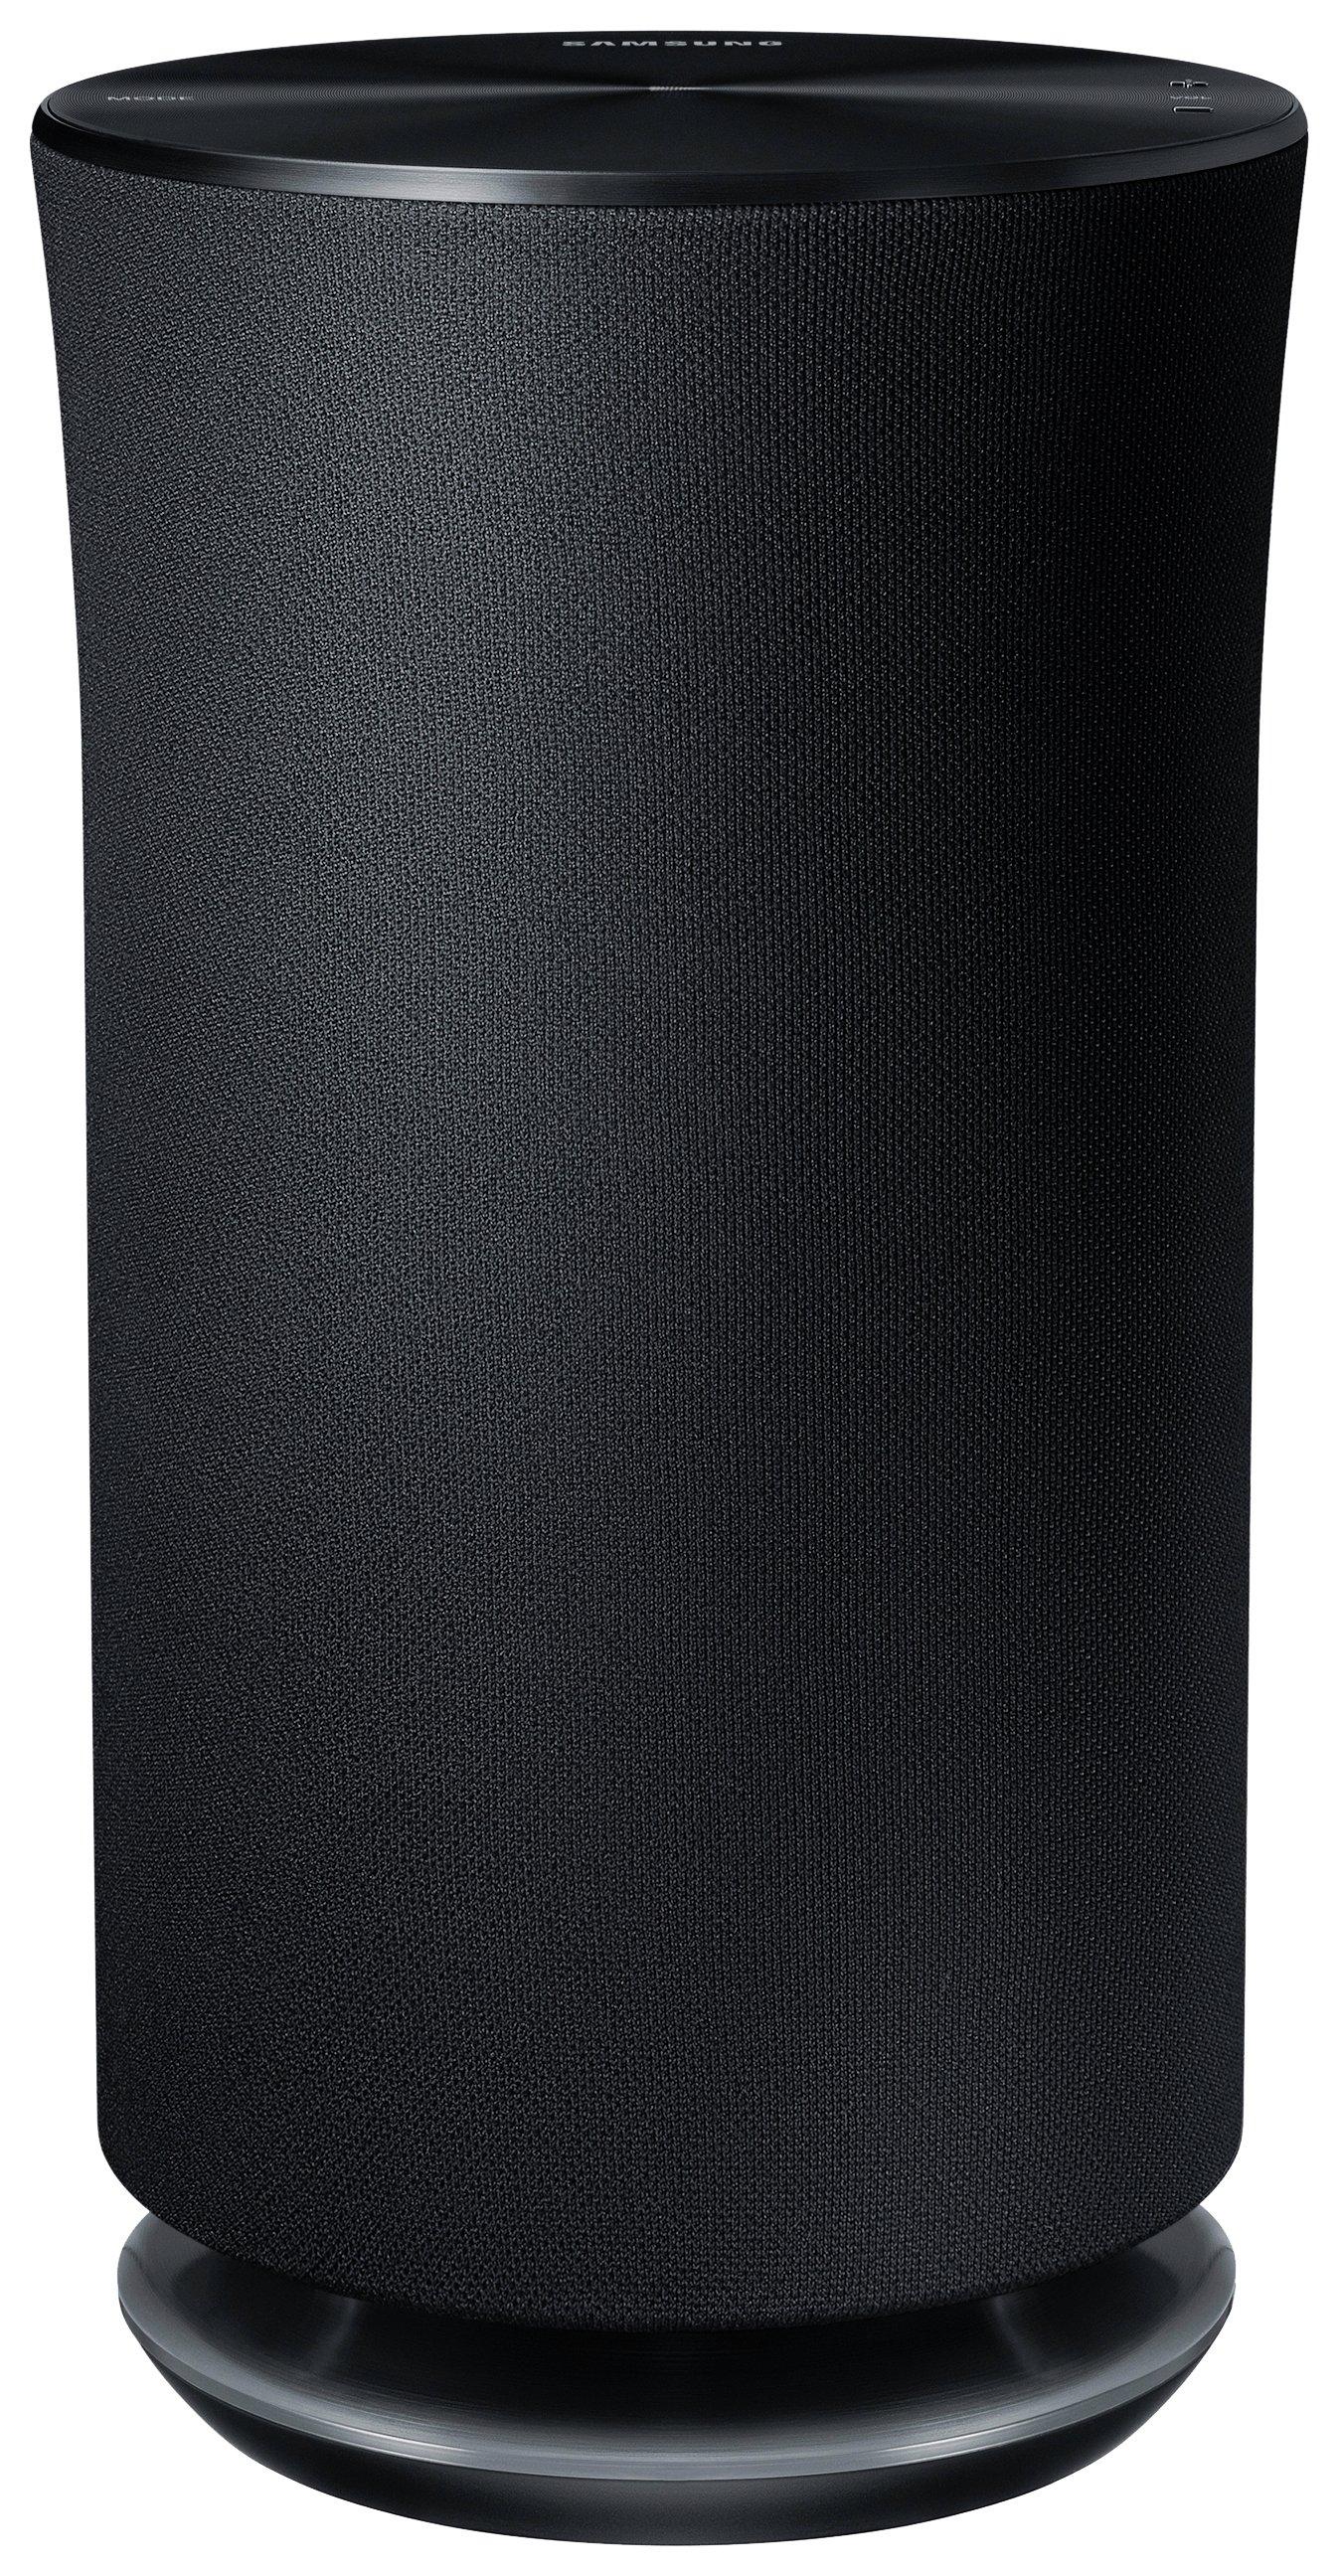 samsung-r3-360-sound-wireless-speaker-black